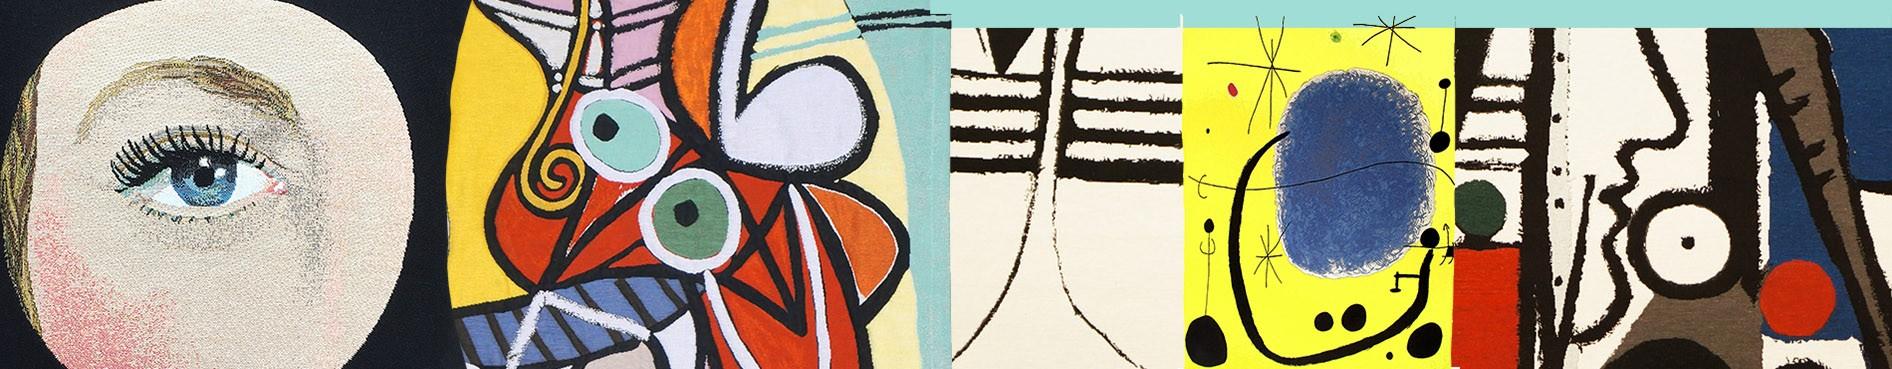 Tapisseries et coussins d'artistes